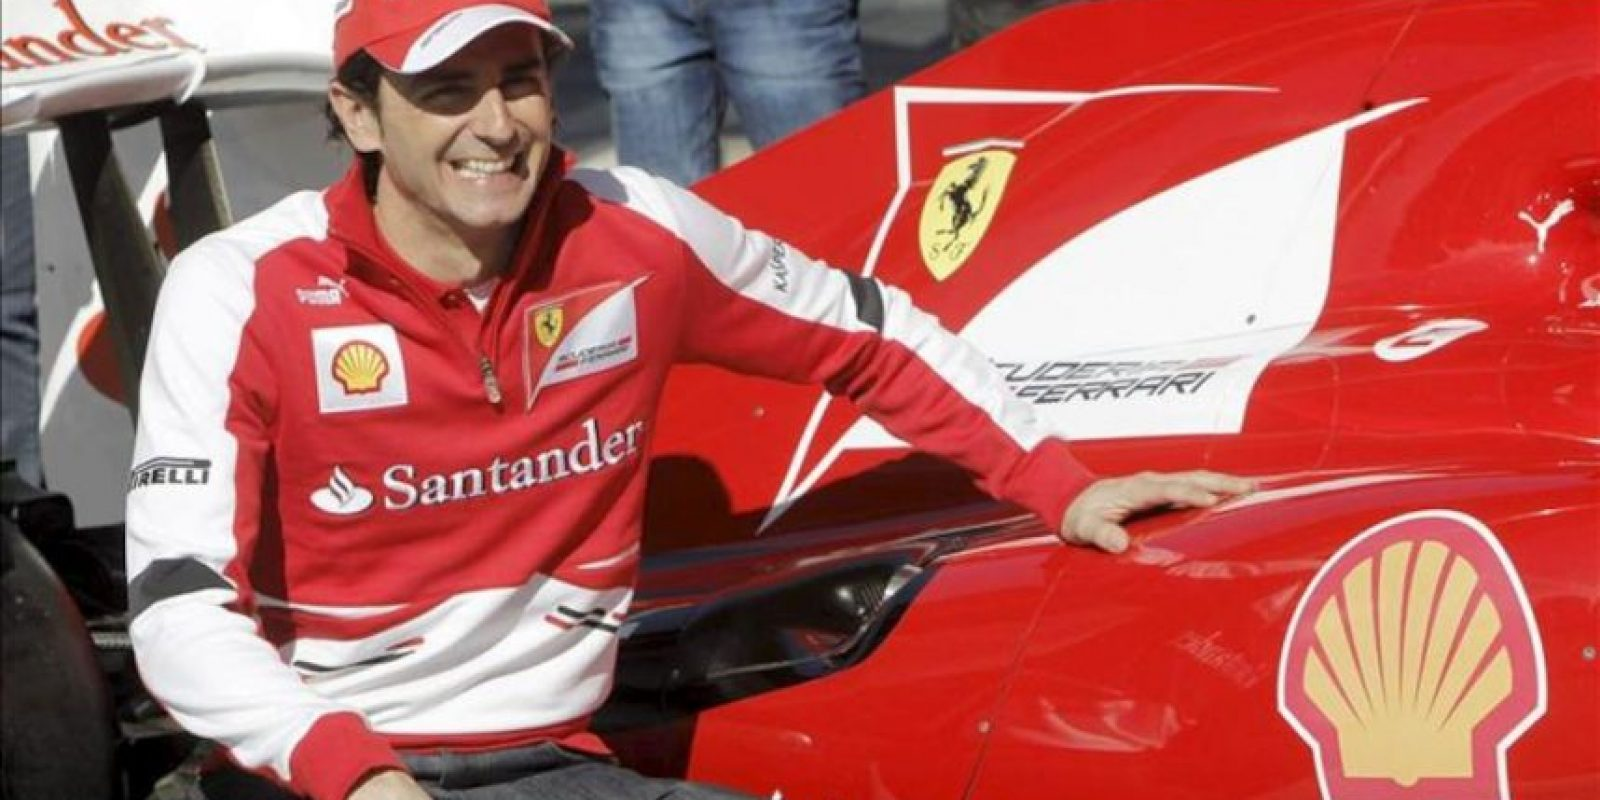 El español Pedro de la Rosa, probador de la escudería Ferrari, la de su compatriota el doble campeón mundial de F1 Fernando Alonso y el brasileño Felipe Massa, durante la Gala de Campeones de karting celebrada hoy en la Ciudad Financiera del banco Santander, en Boadilla del Monte (Madrid). EFE